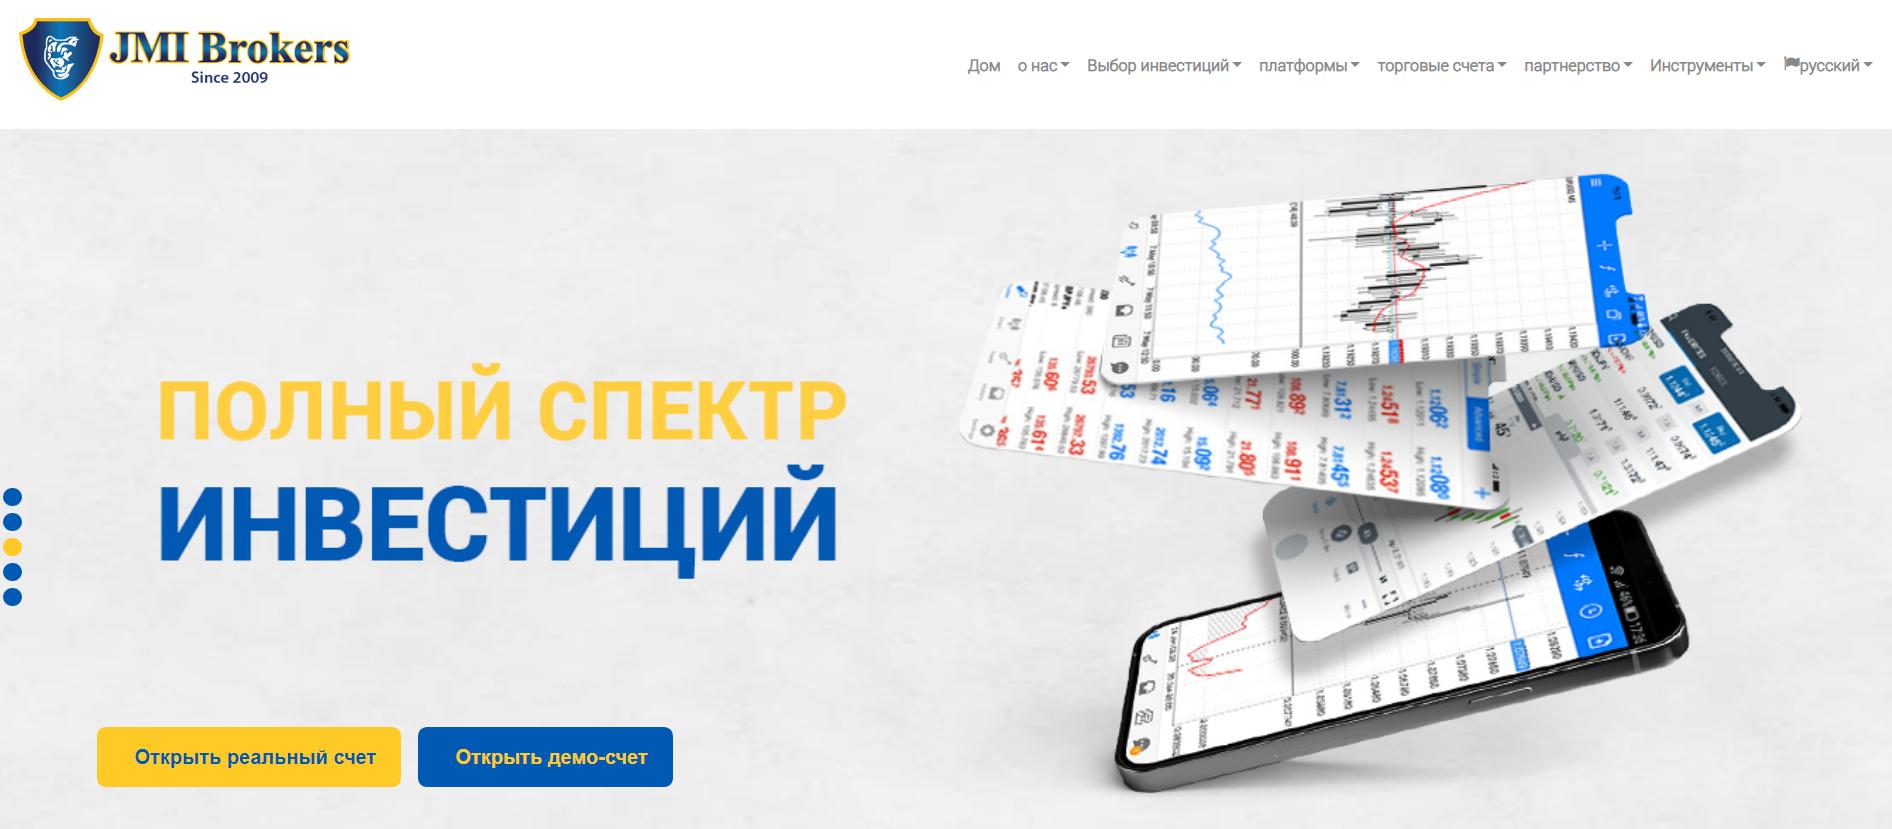 jmi brokers официальный сайт брокера